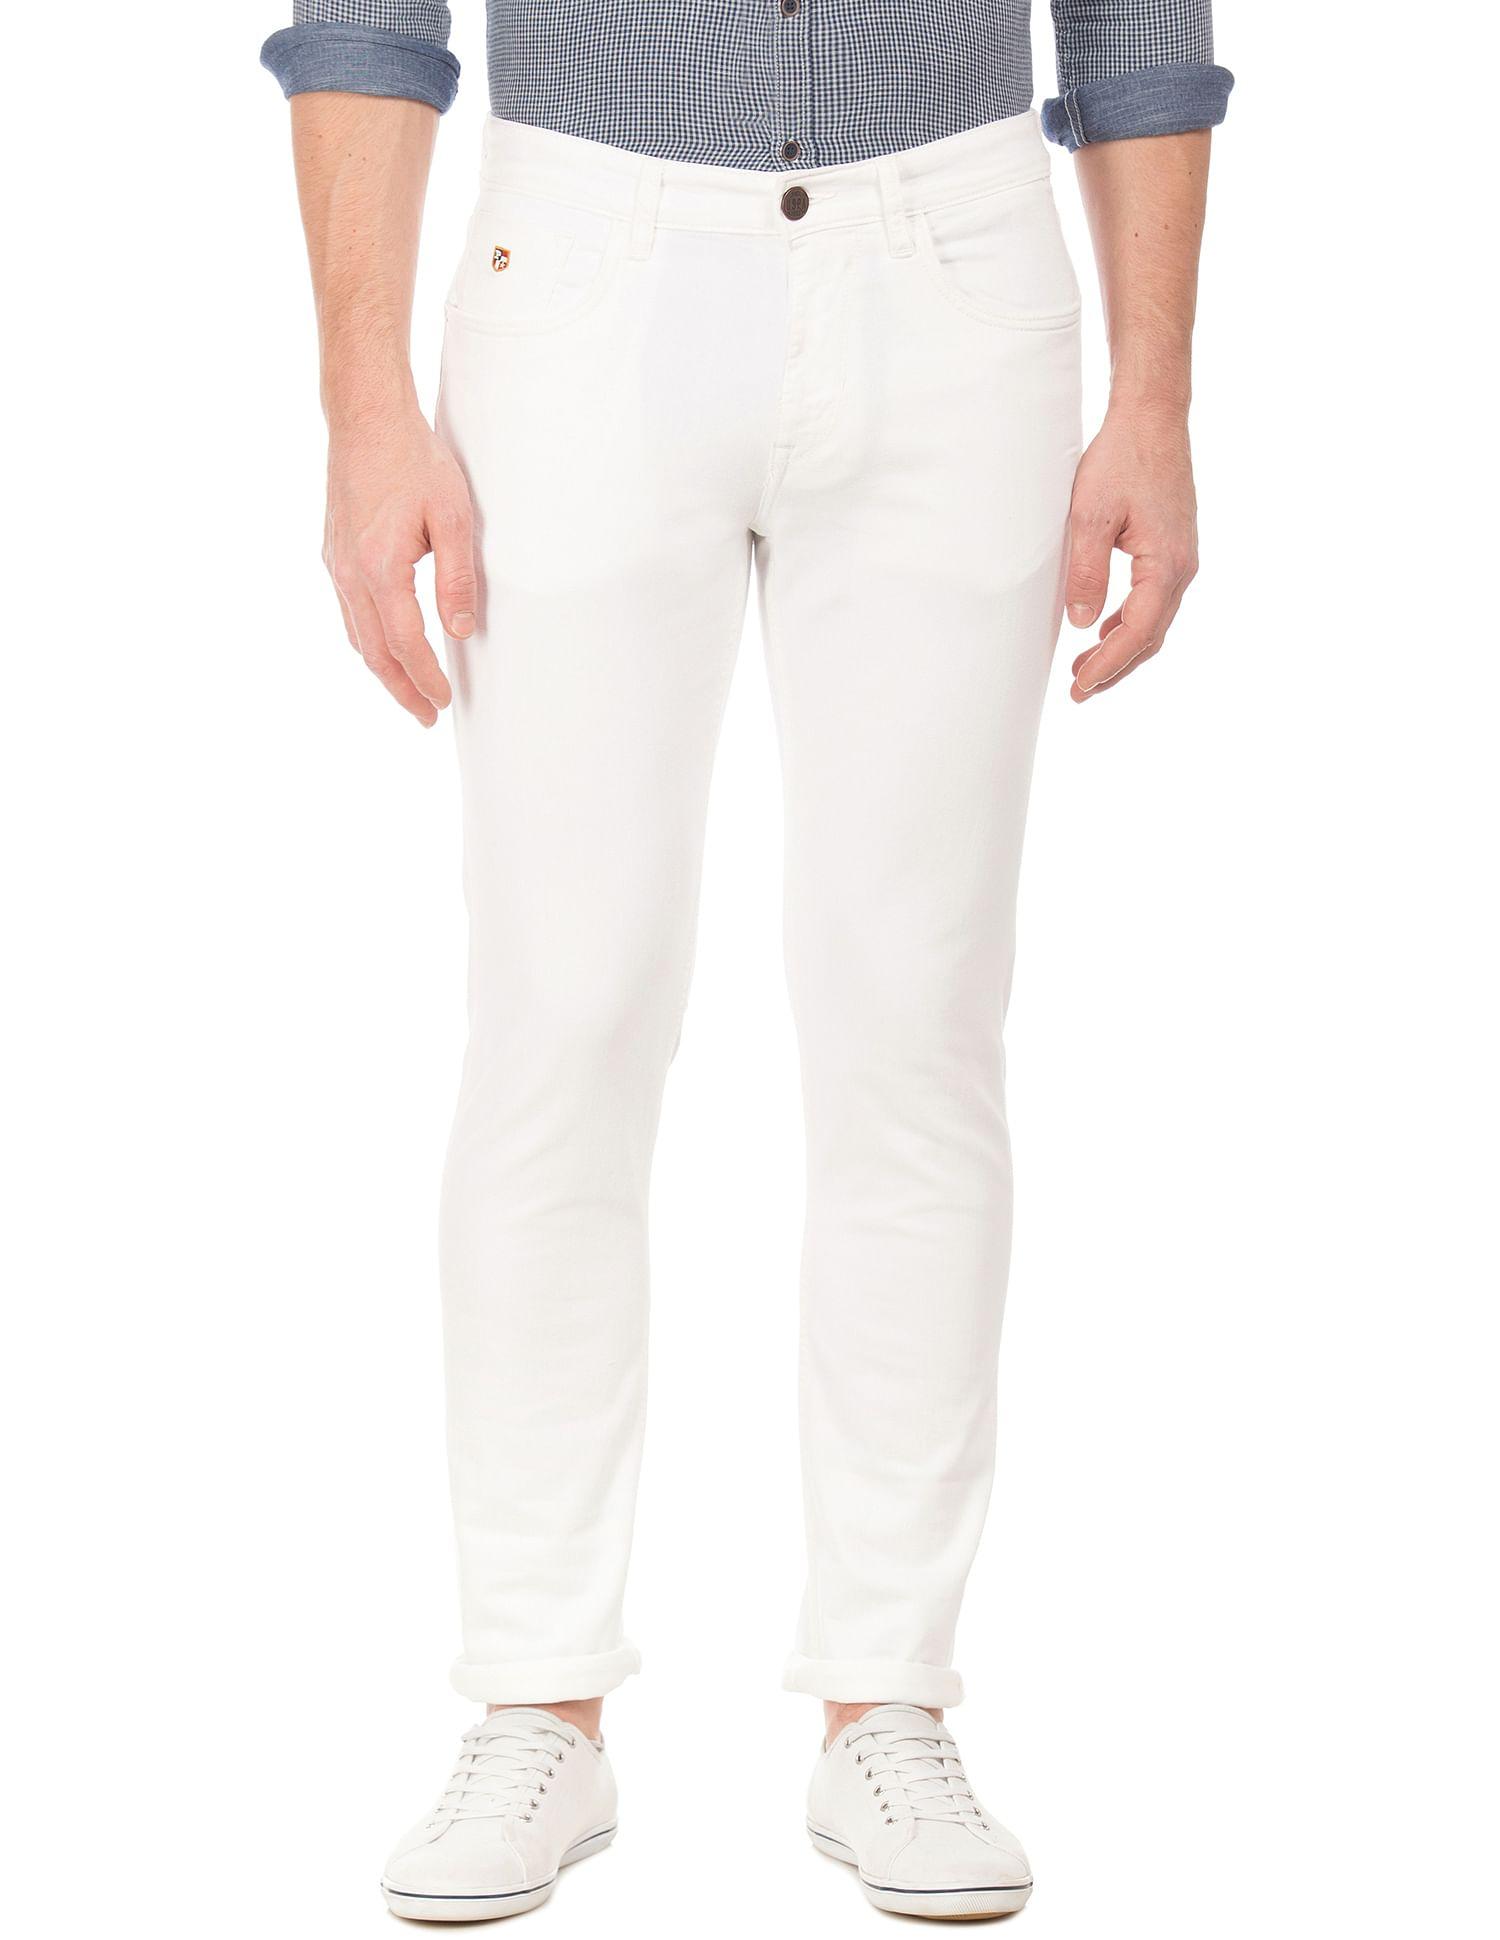 U.S. Polo Assn. Men Casual Wear Solid Jeans